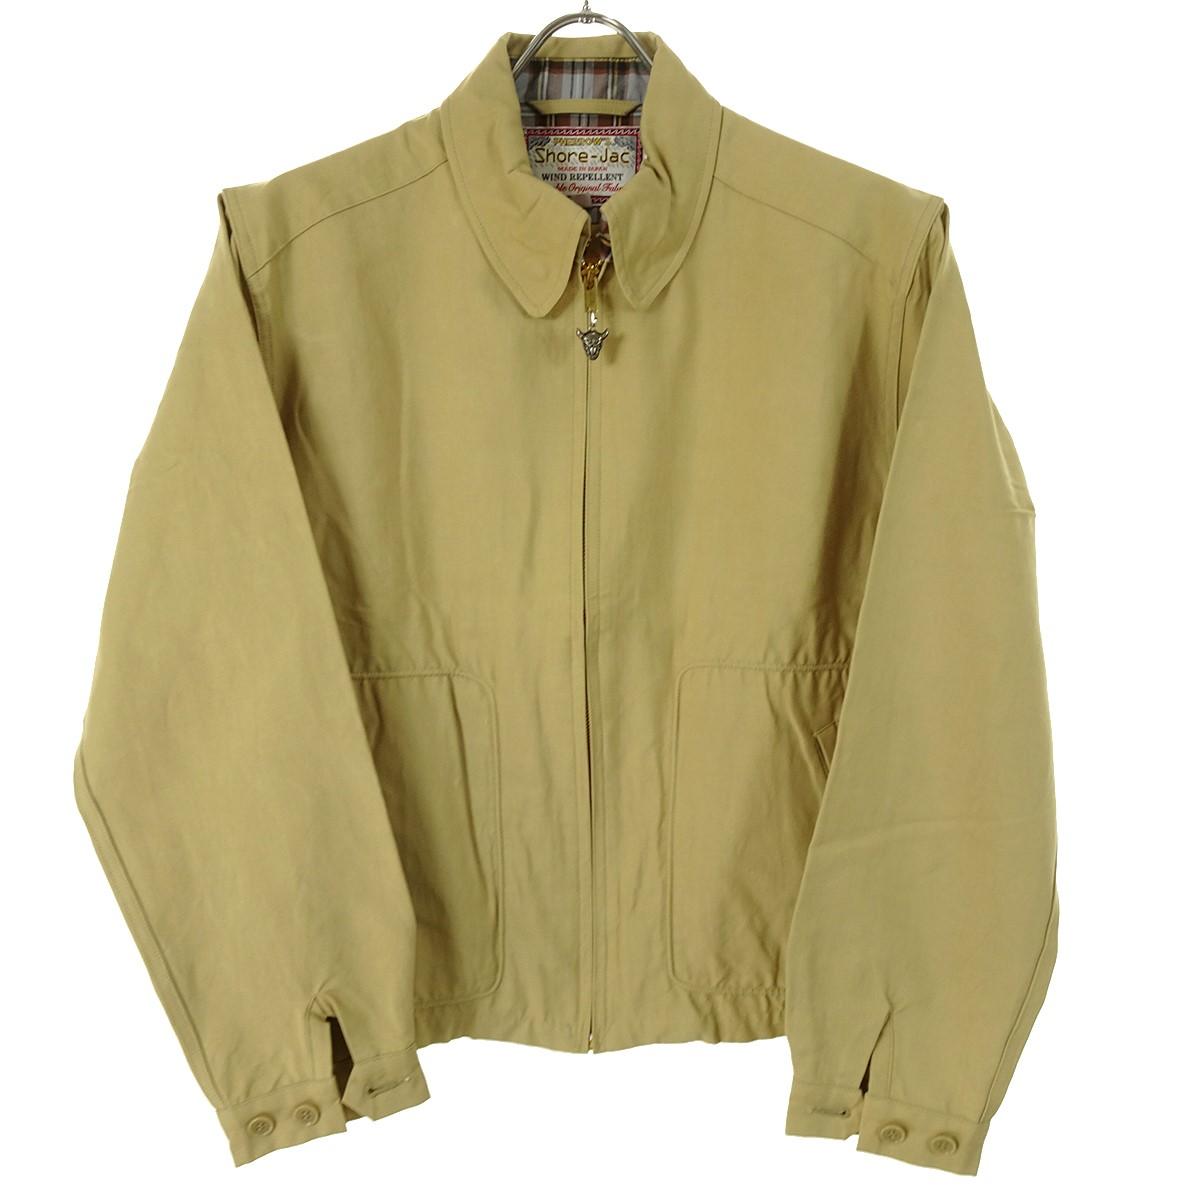 【中古】PHERROW'S SHORE JAC ハリントンジャケット ベージュ サイズ:40 【110420】(フェローズ)